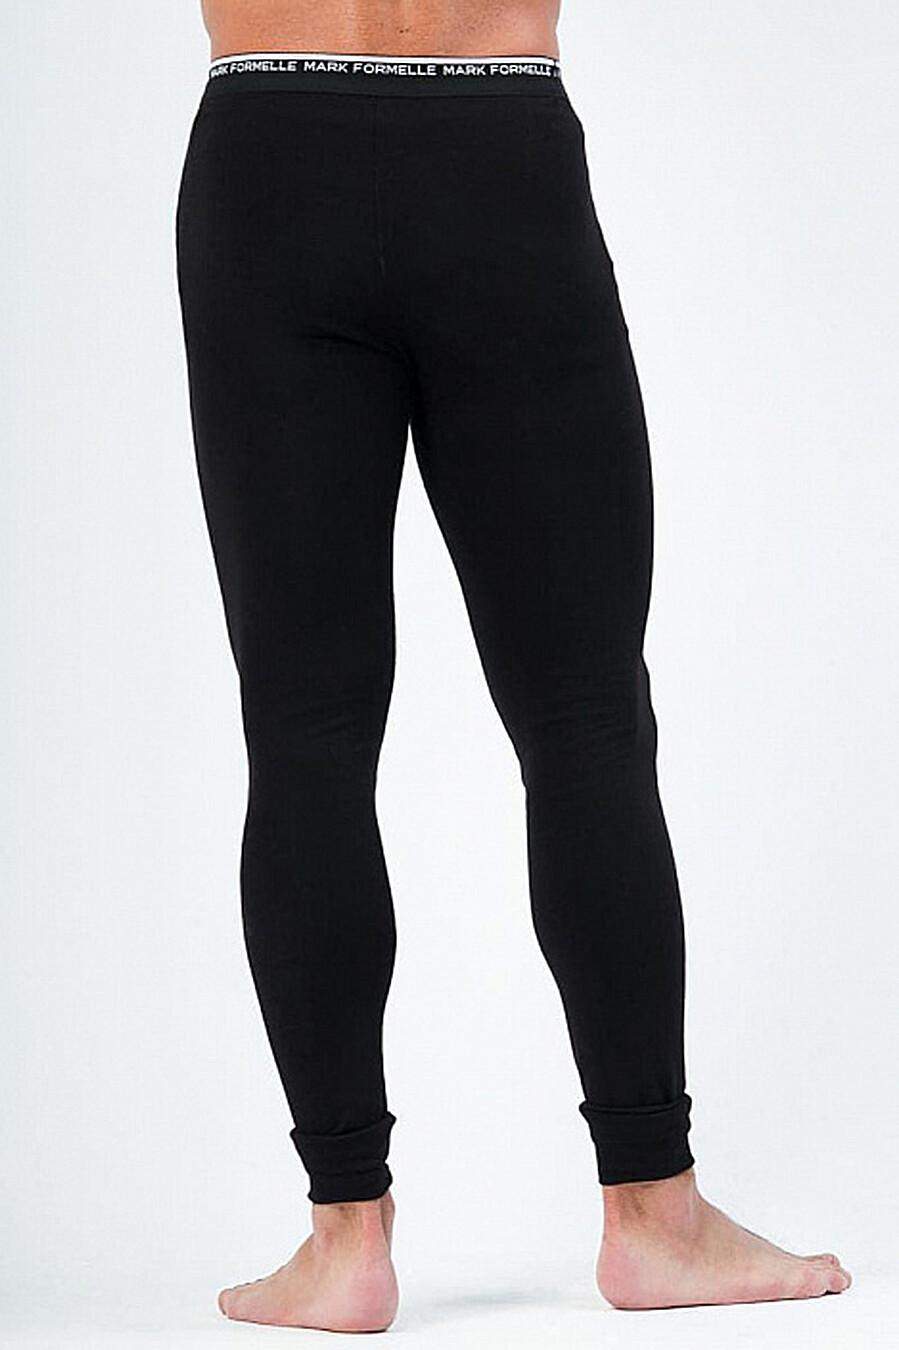 Кальсоны  для мужчин MARK FORMELLE 218356 купить оптом от производителя. Совместная покупка мужской одежды в OptMoyo